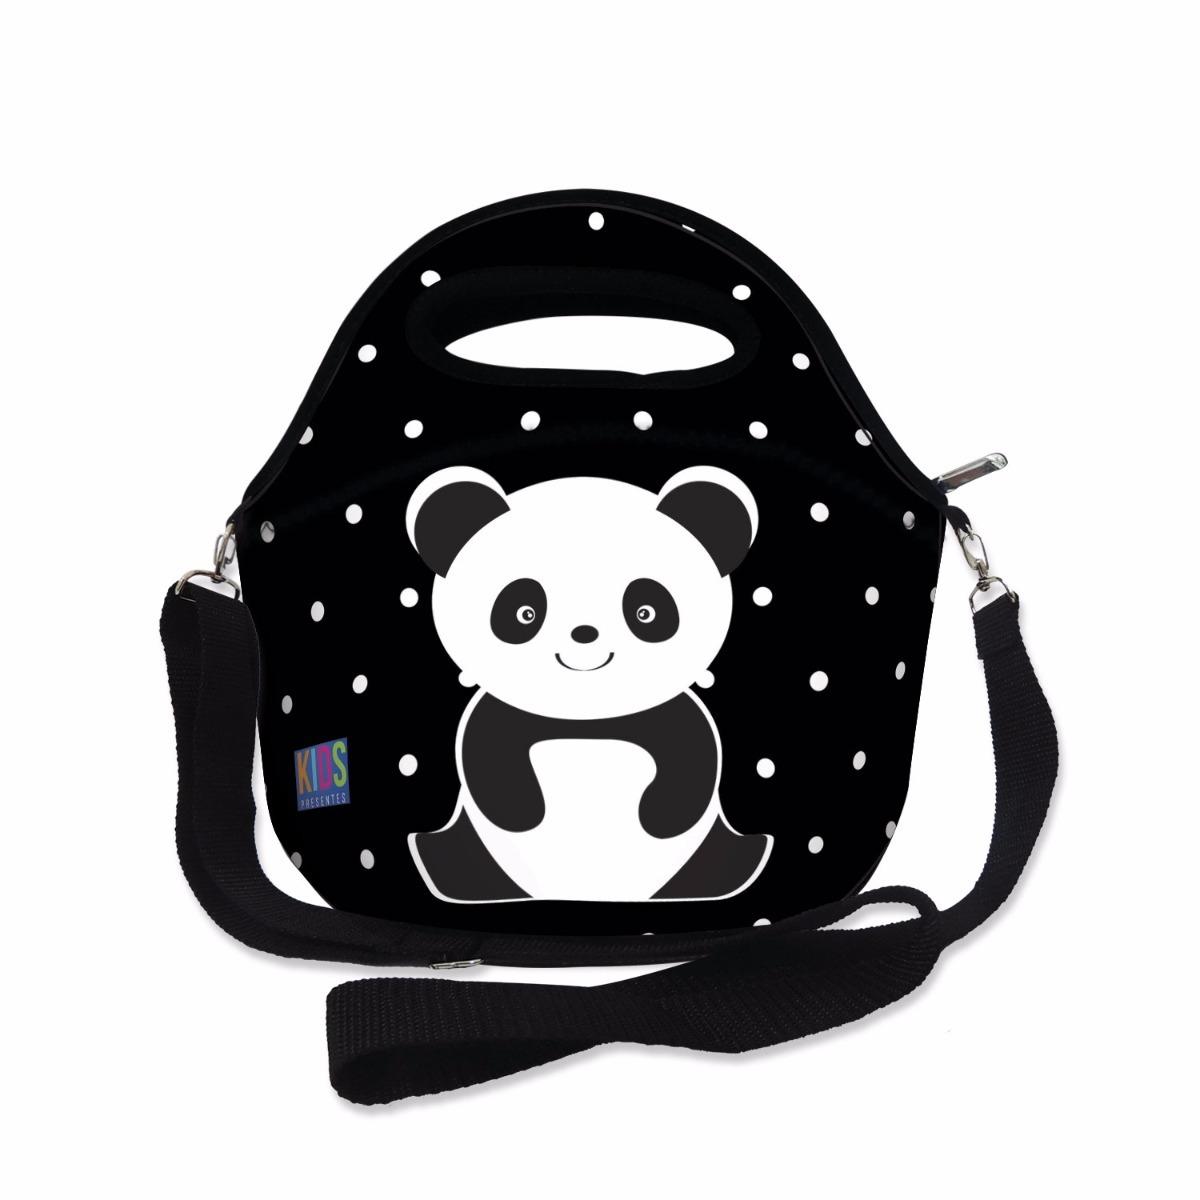 aef16fa68 Lancheira Térmica Neoprene Infantil Panda - R$ 25,90 em Mercado Livre